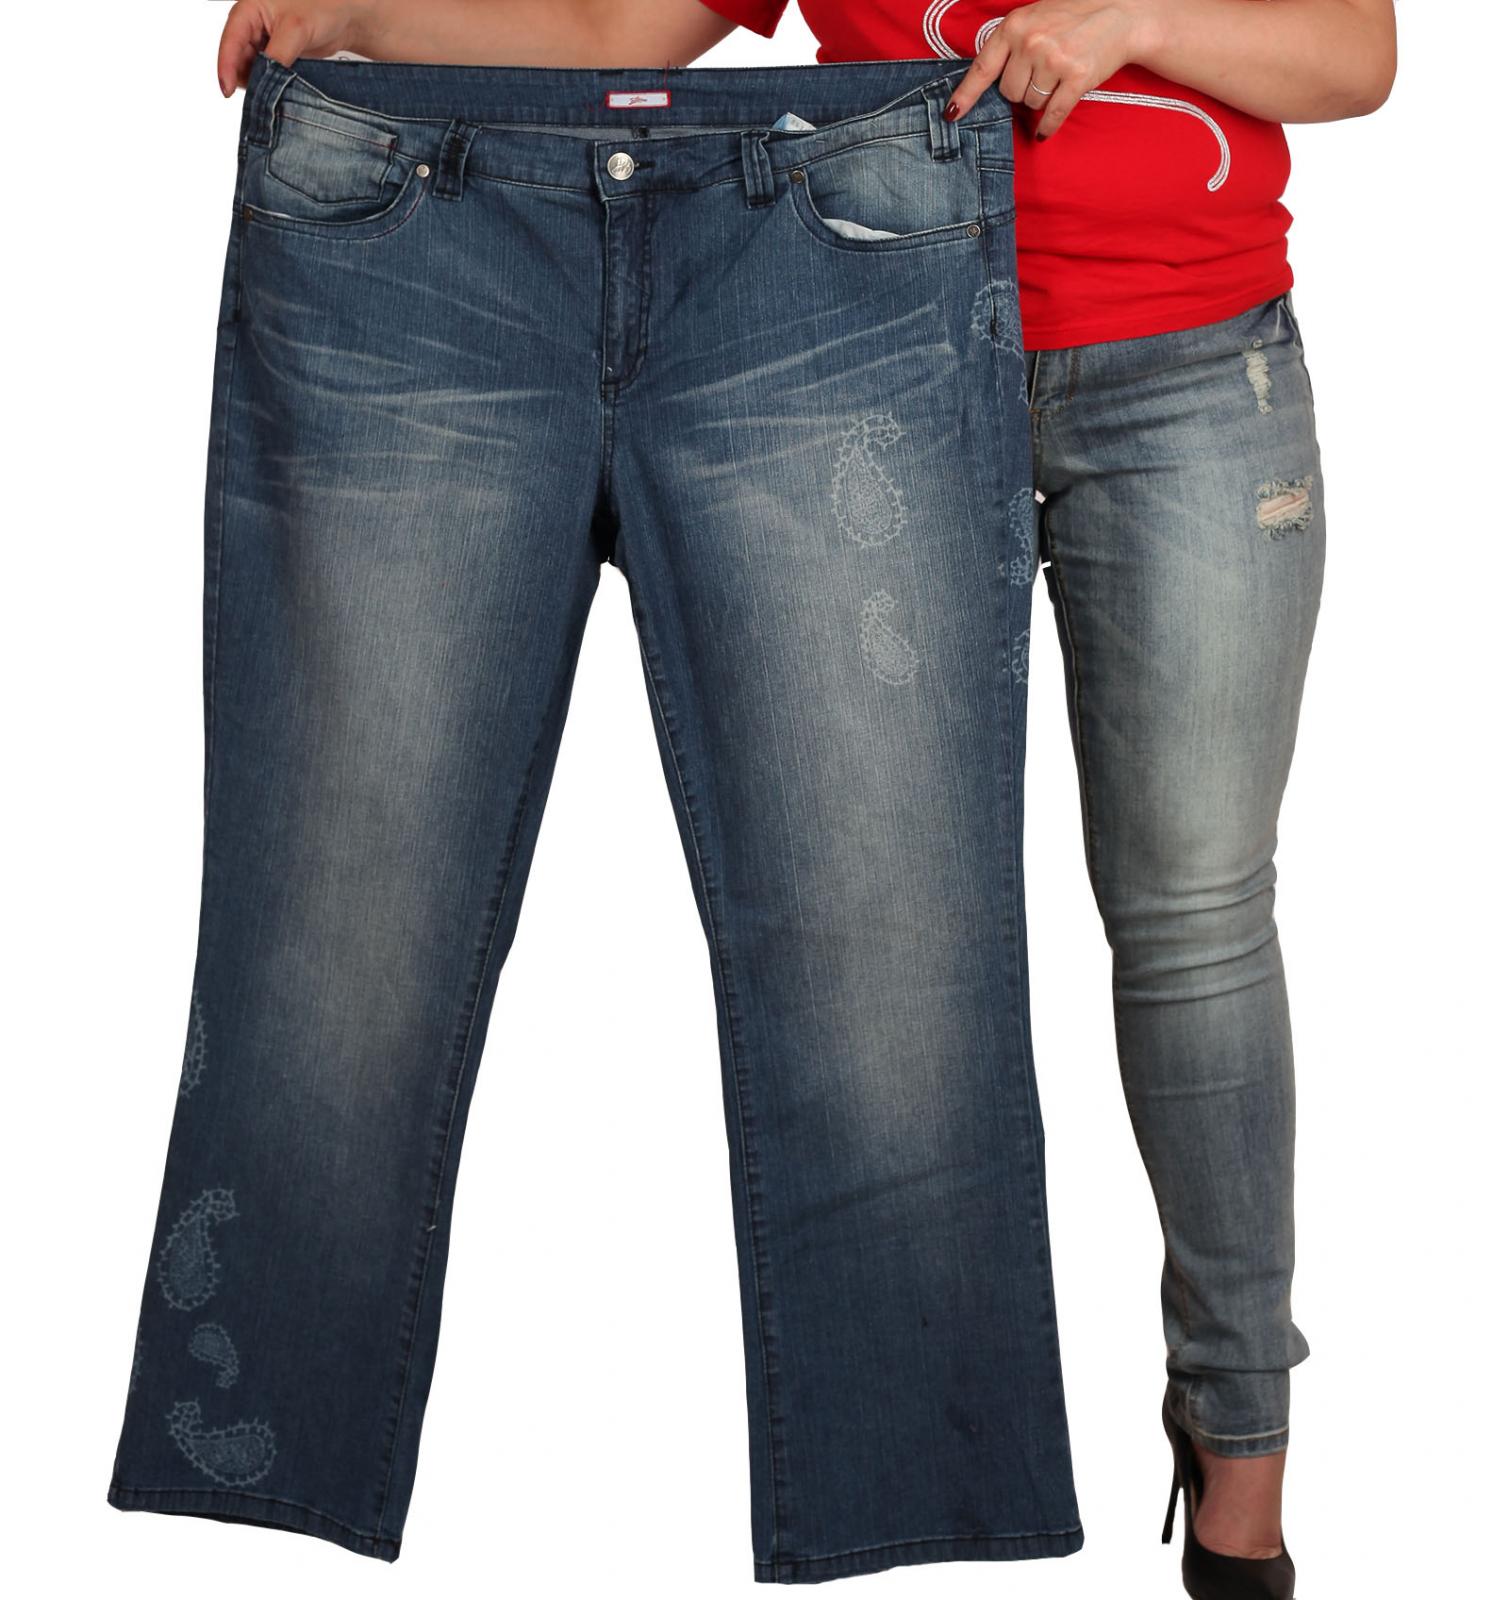 Джинсовые брюки Joe Browns (Великобритания) для полных женщин